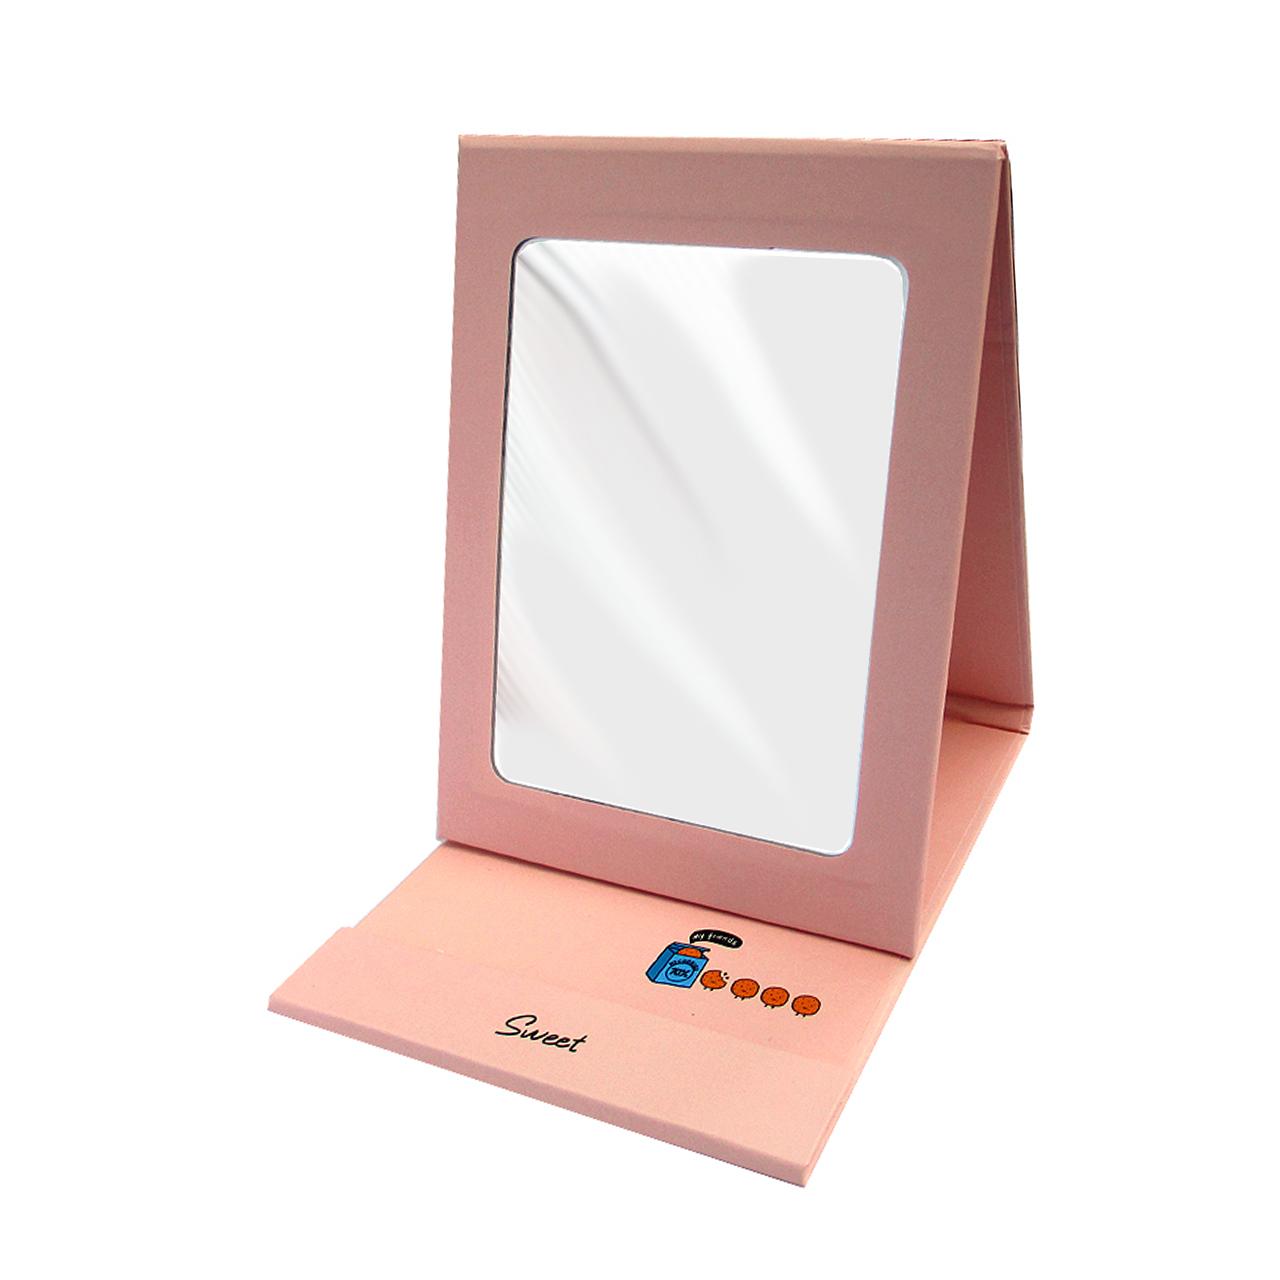 آینه آرایشی سوییت مدل کووکیز فرندز